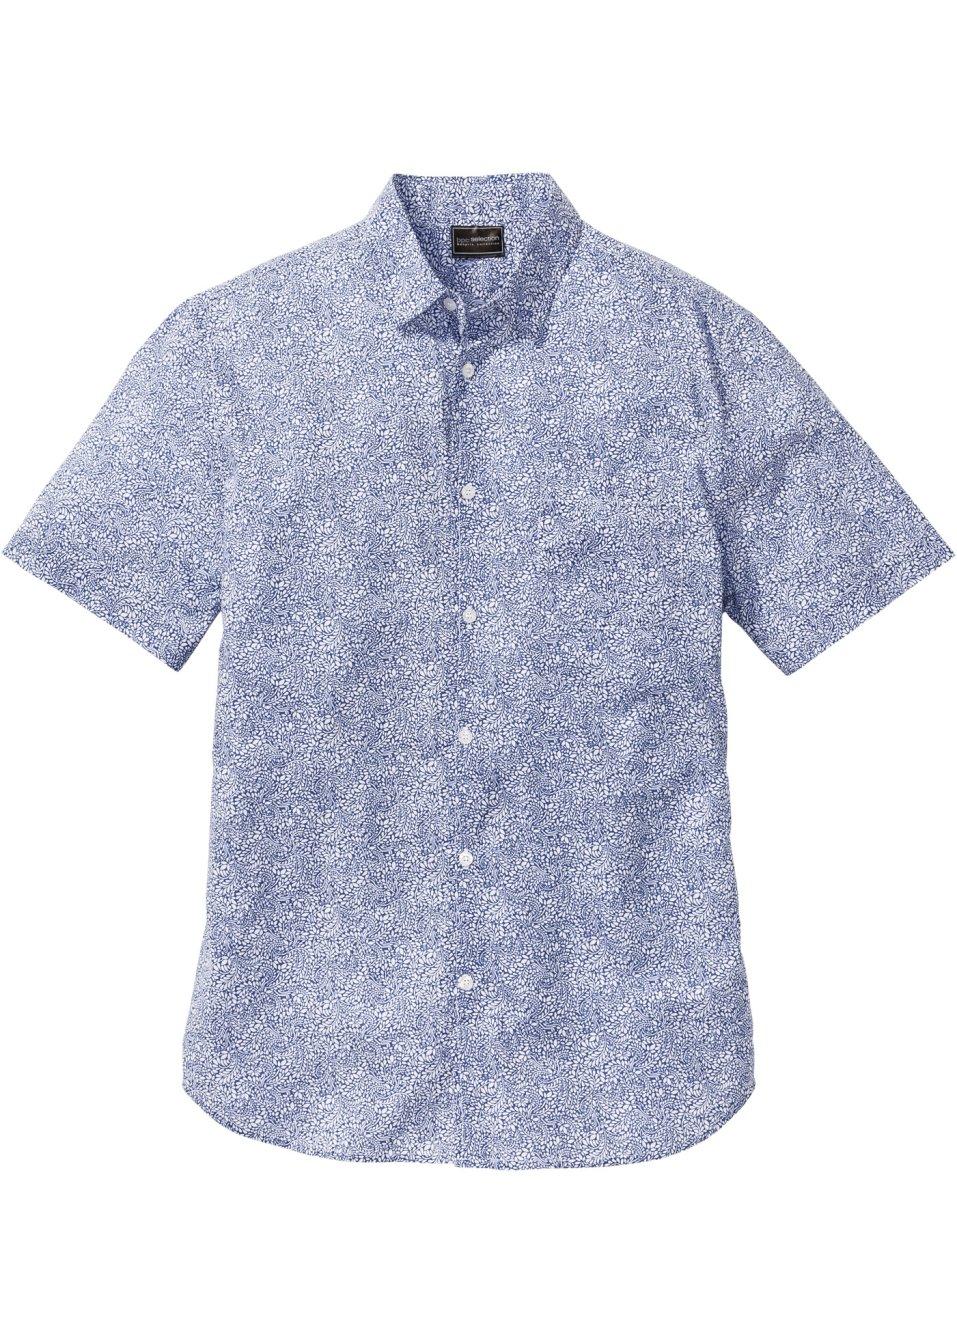 Ansprechendes Kurzarmhemd Mit Allover Muster Und